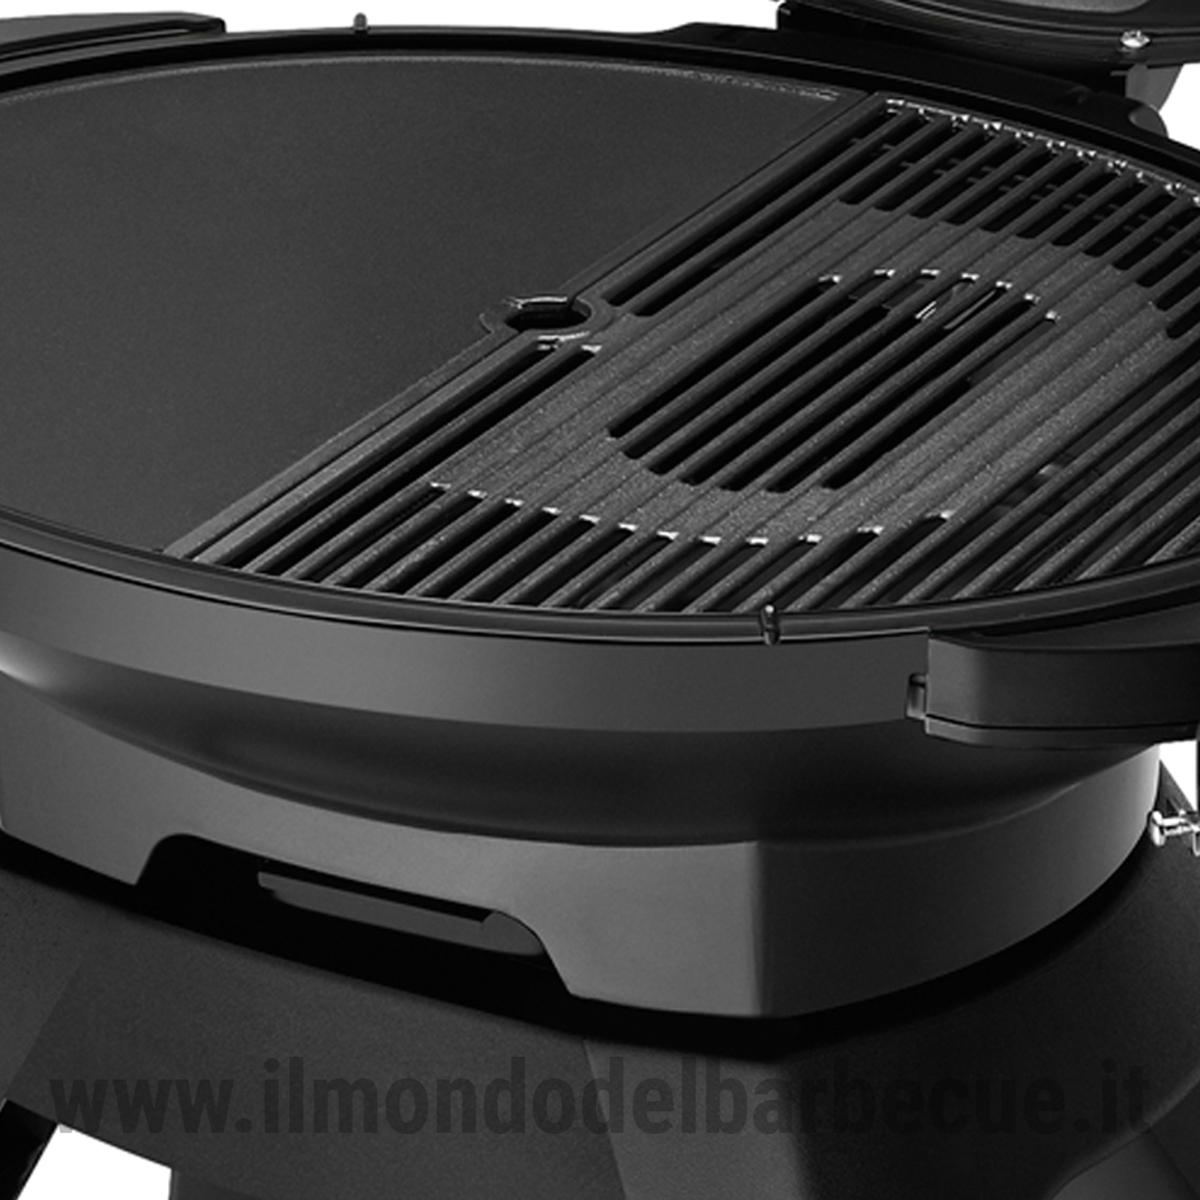 Bugg family portatile con carrello barbecue a gas il mondo del barbecue - Barbecue portatile a gas ...